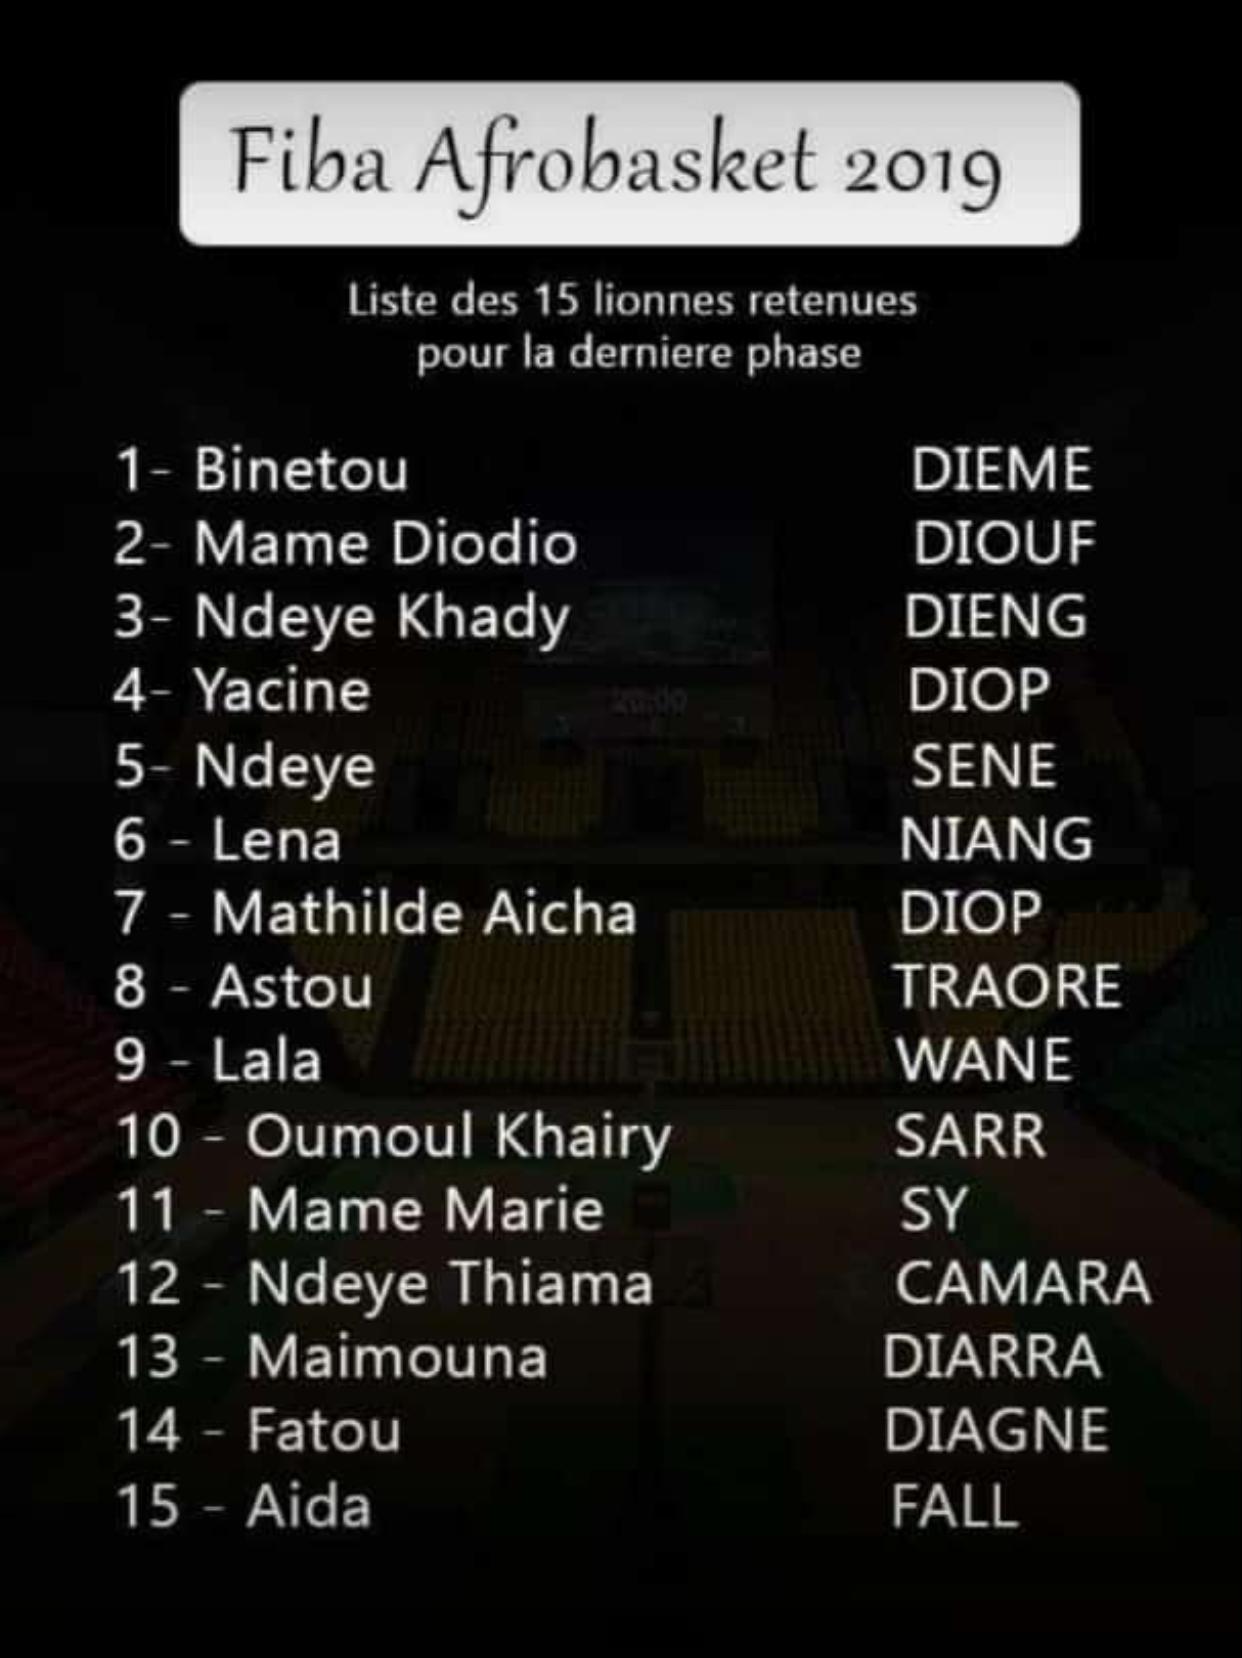 La liste des «Lionnes» pour l'Afrobasket... sans Oumou Khayri Thiam